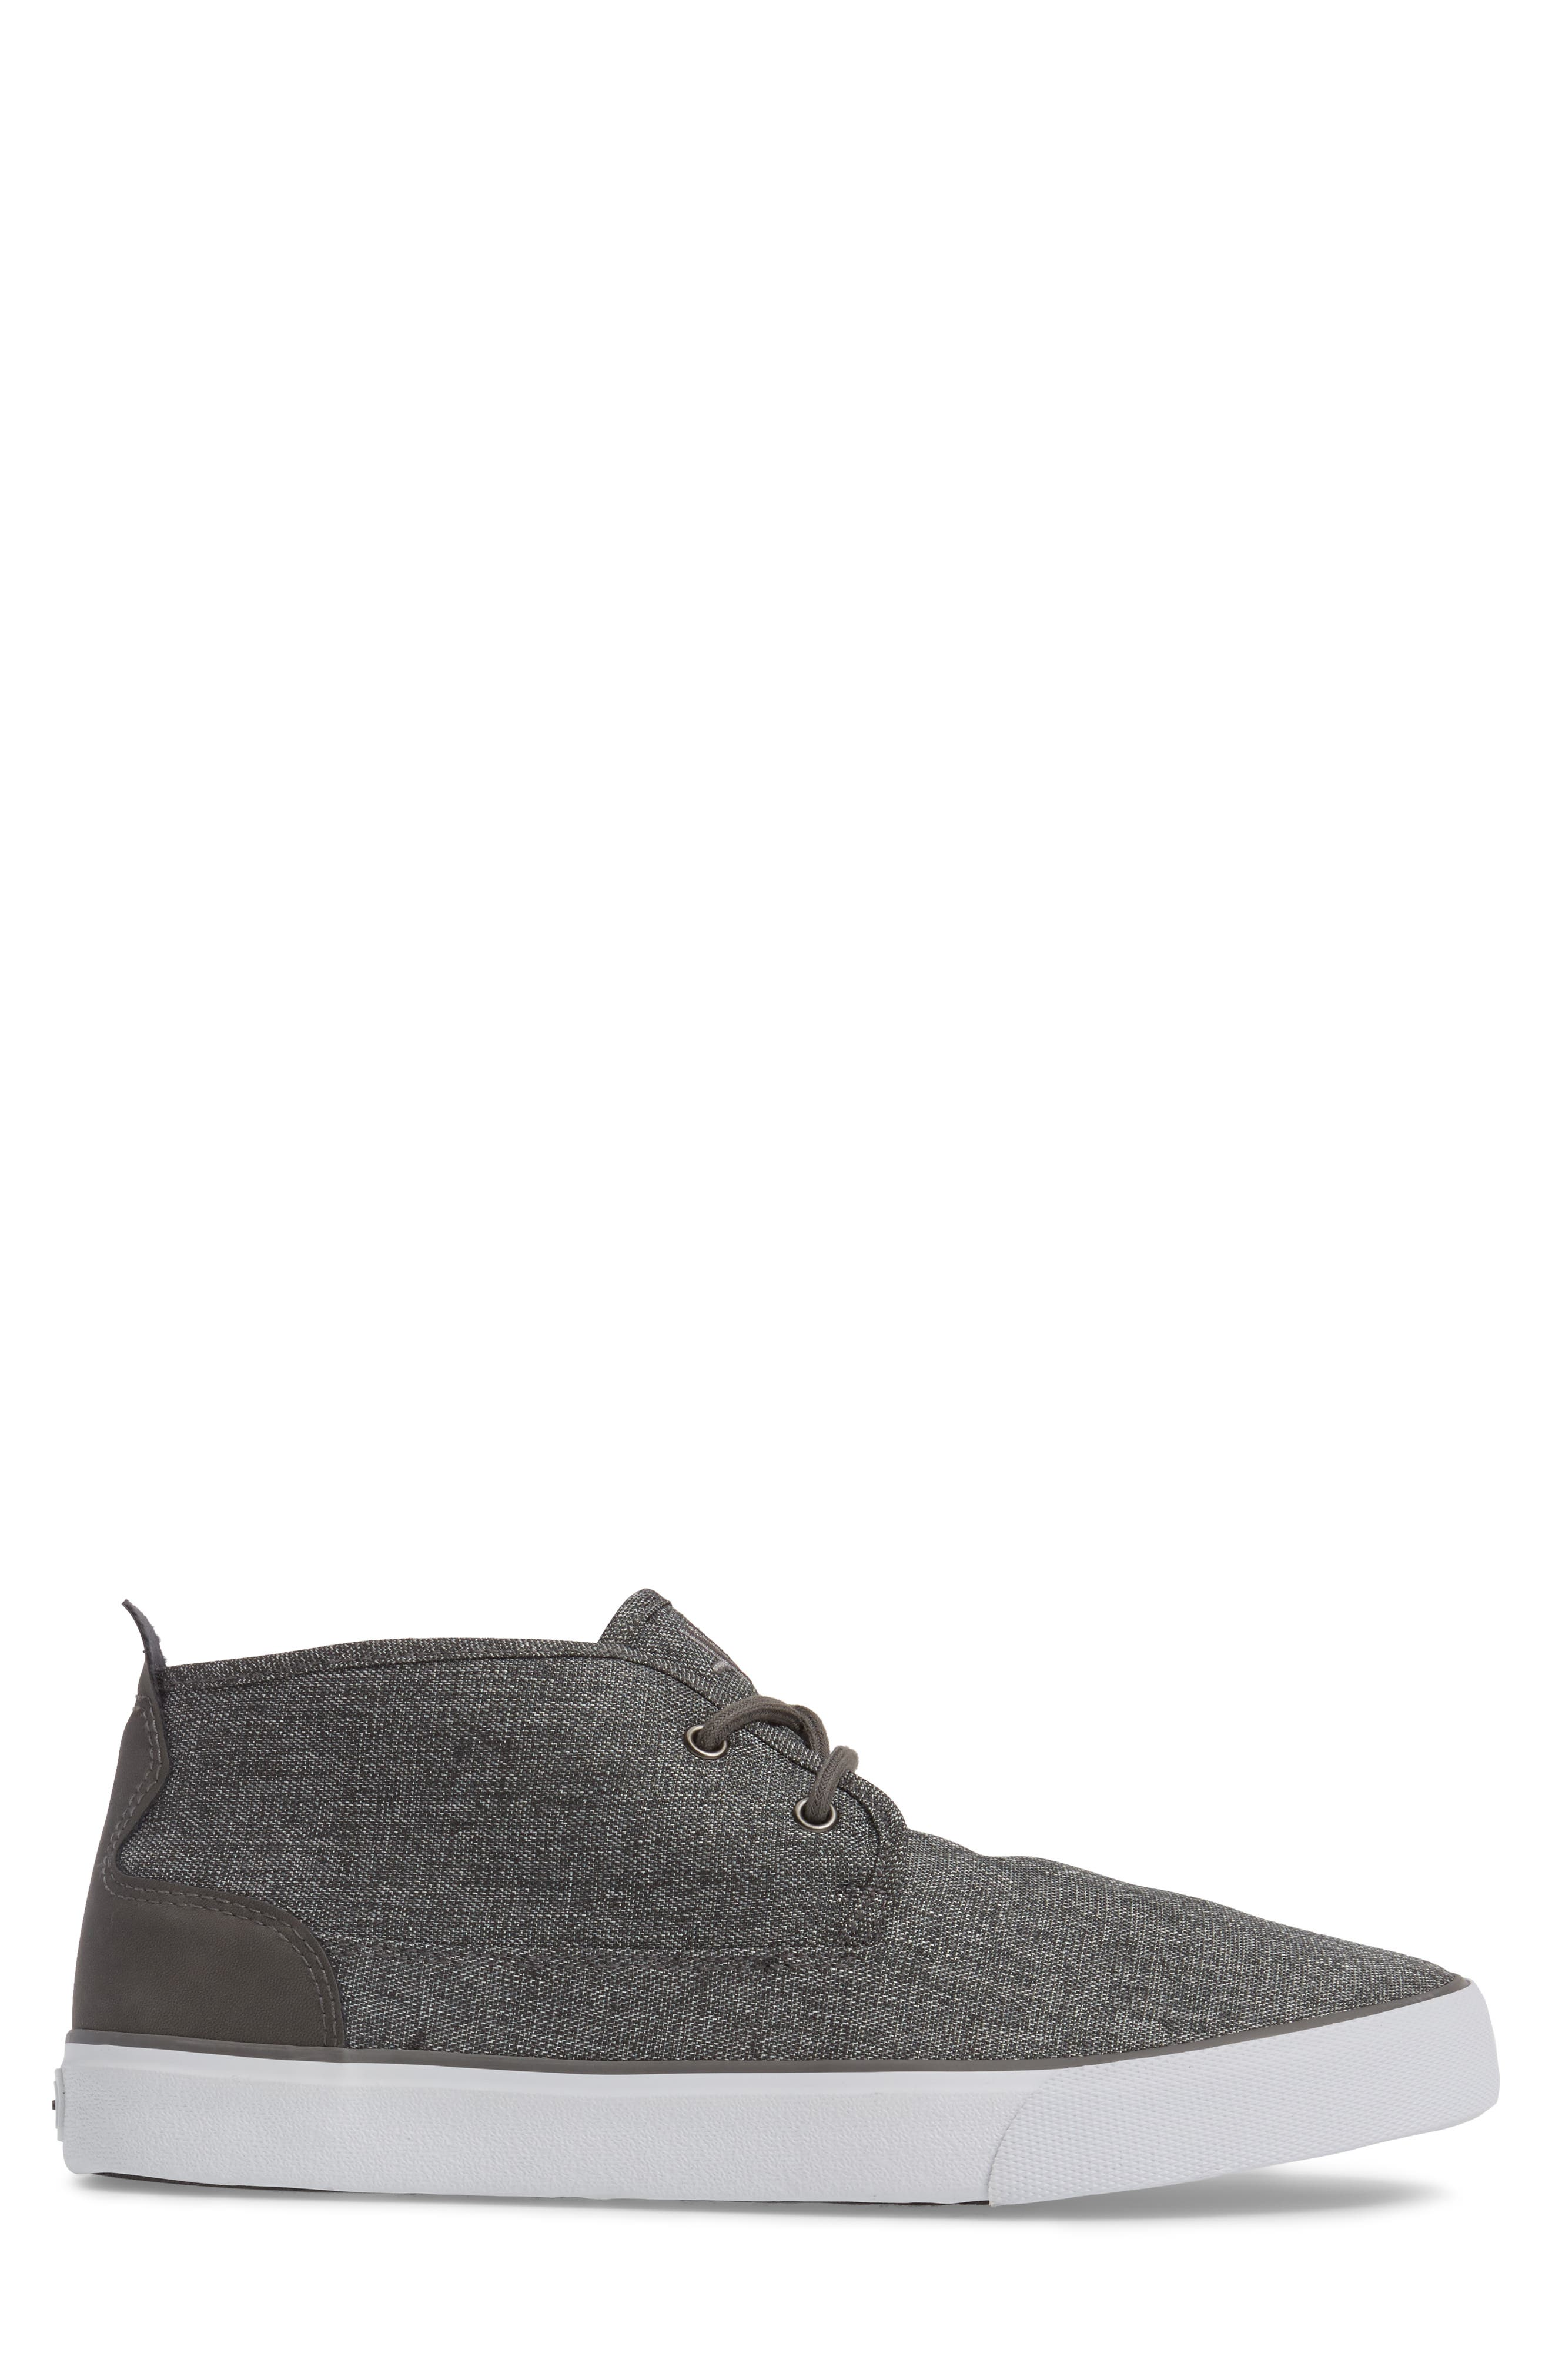 Alternate Image 3  - Andrew Marc Reade Chukka Sneaker (Men)